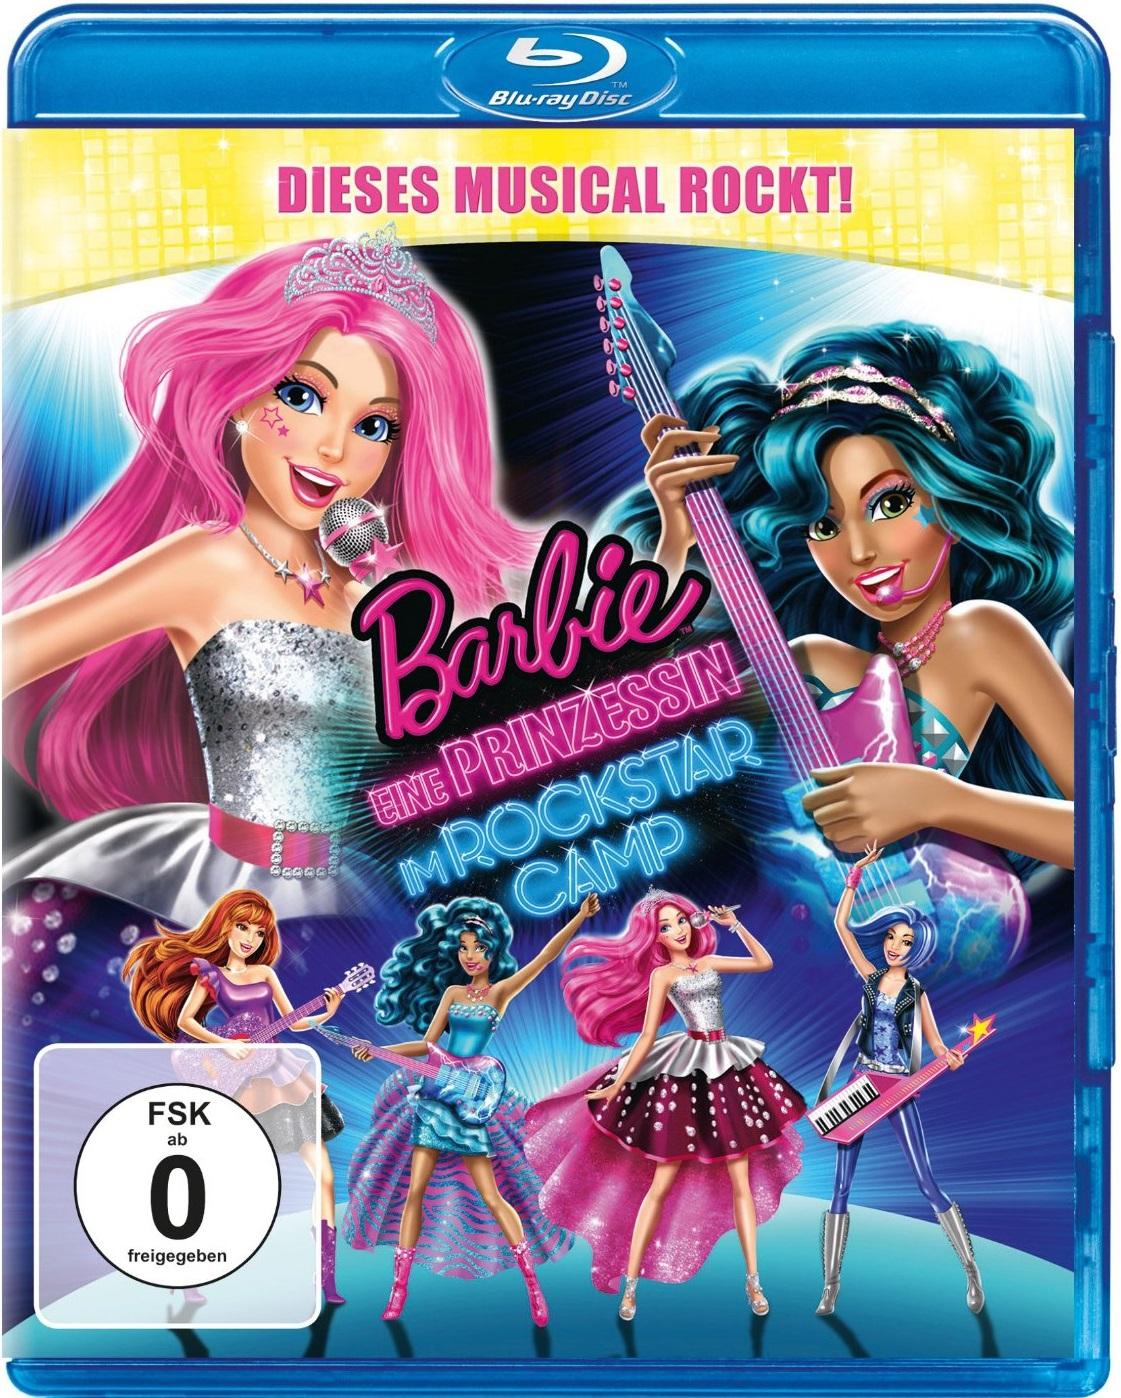 Barbie - Eine Prinzessin im Rockstar Camp